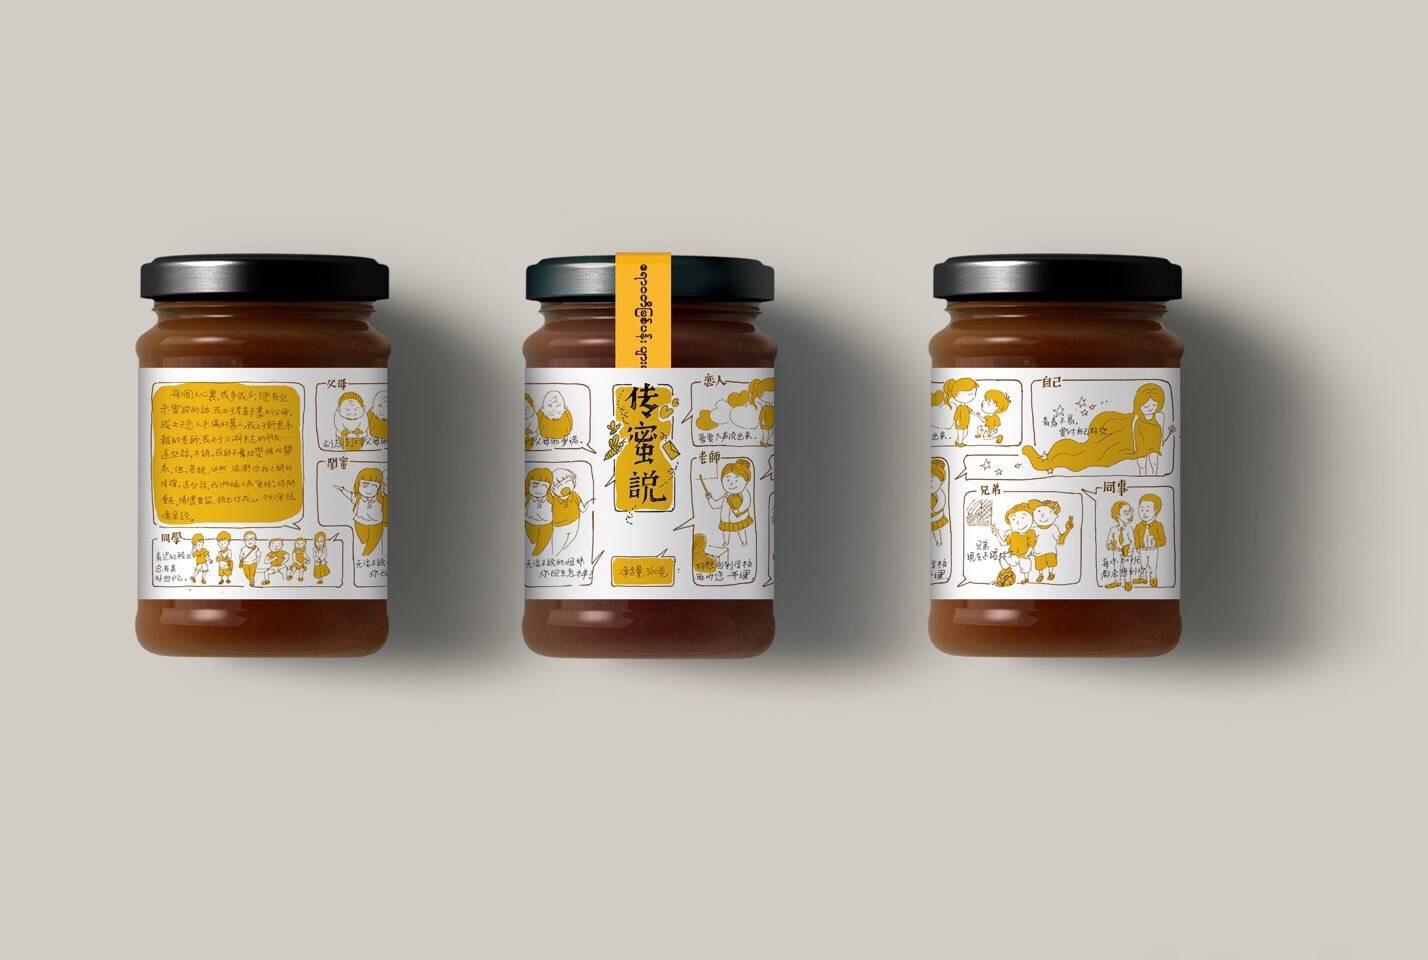 网上蜂蜜广告方案_郑州设计公司浅析现代农产品包装设计风格-行业资讯-郑州墨香 ...